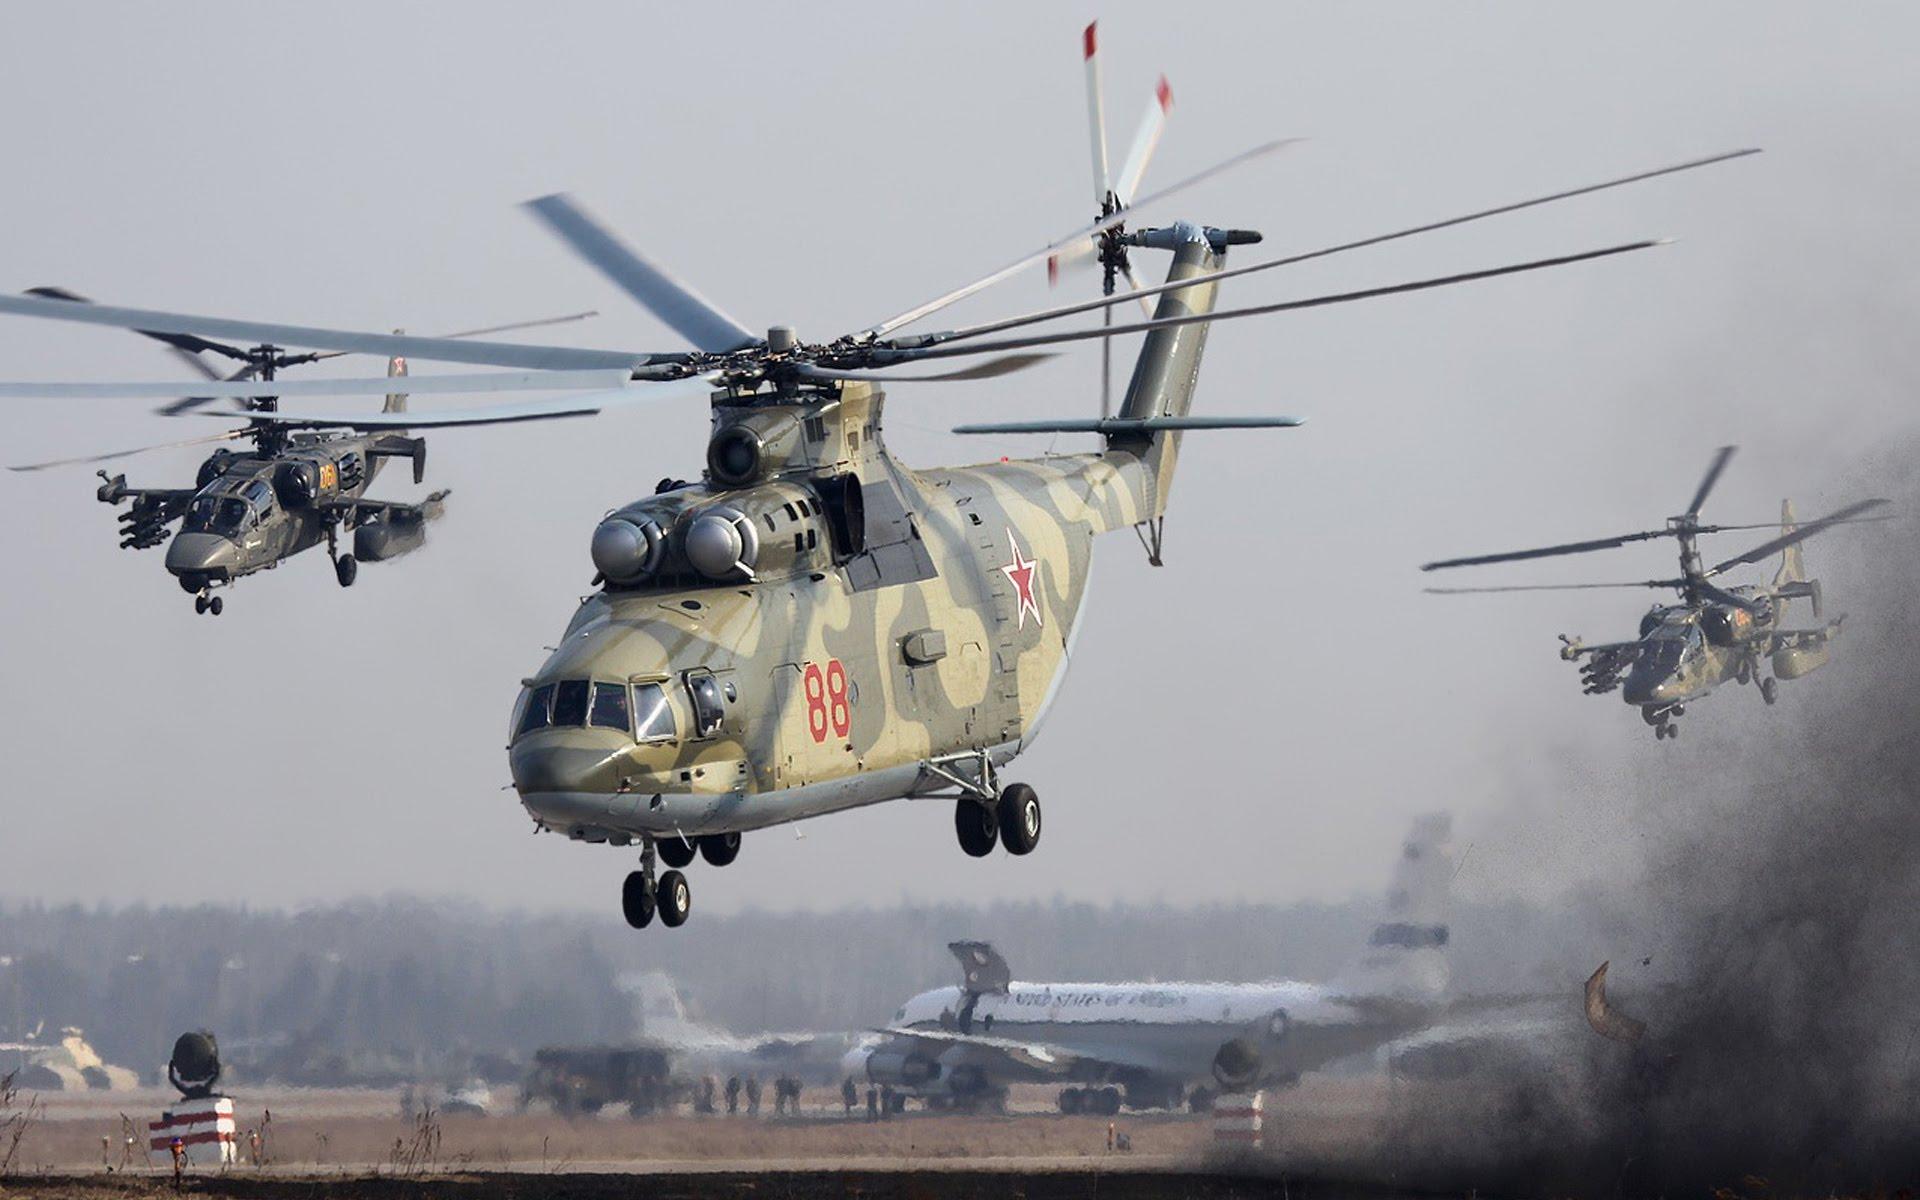 米-26能有如今的成就得益于乌克兰D-136发动机